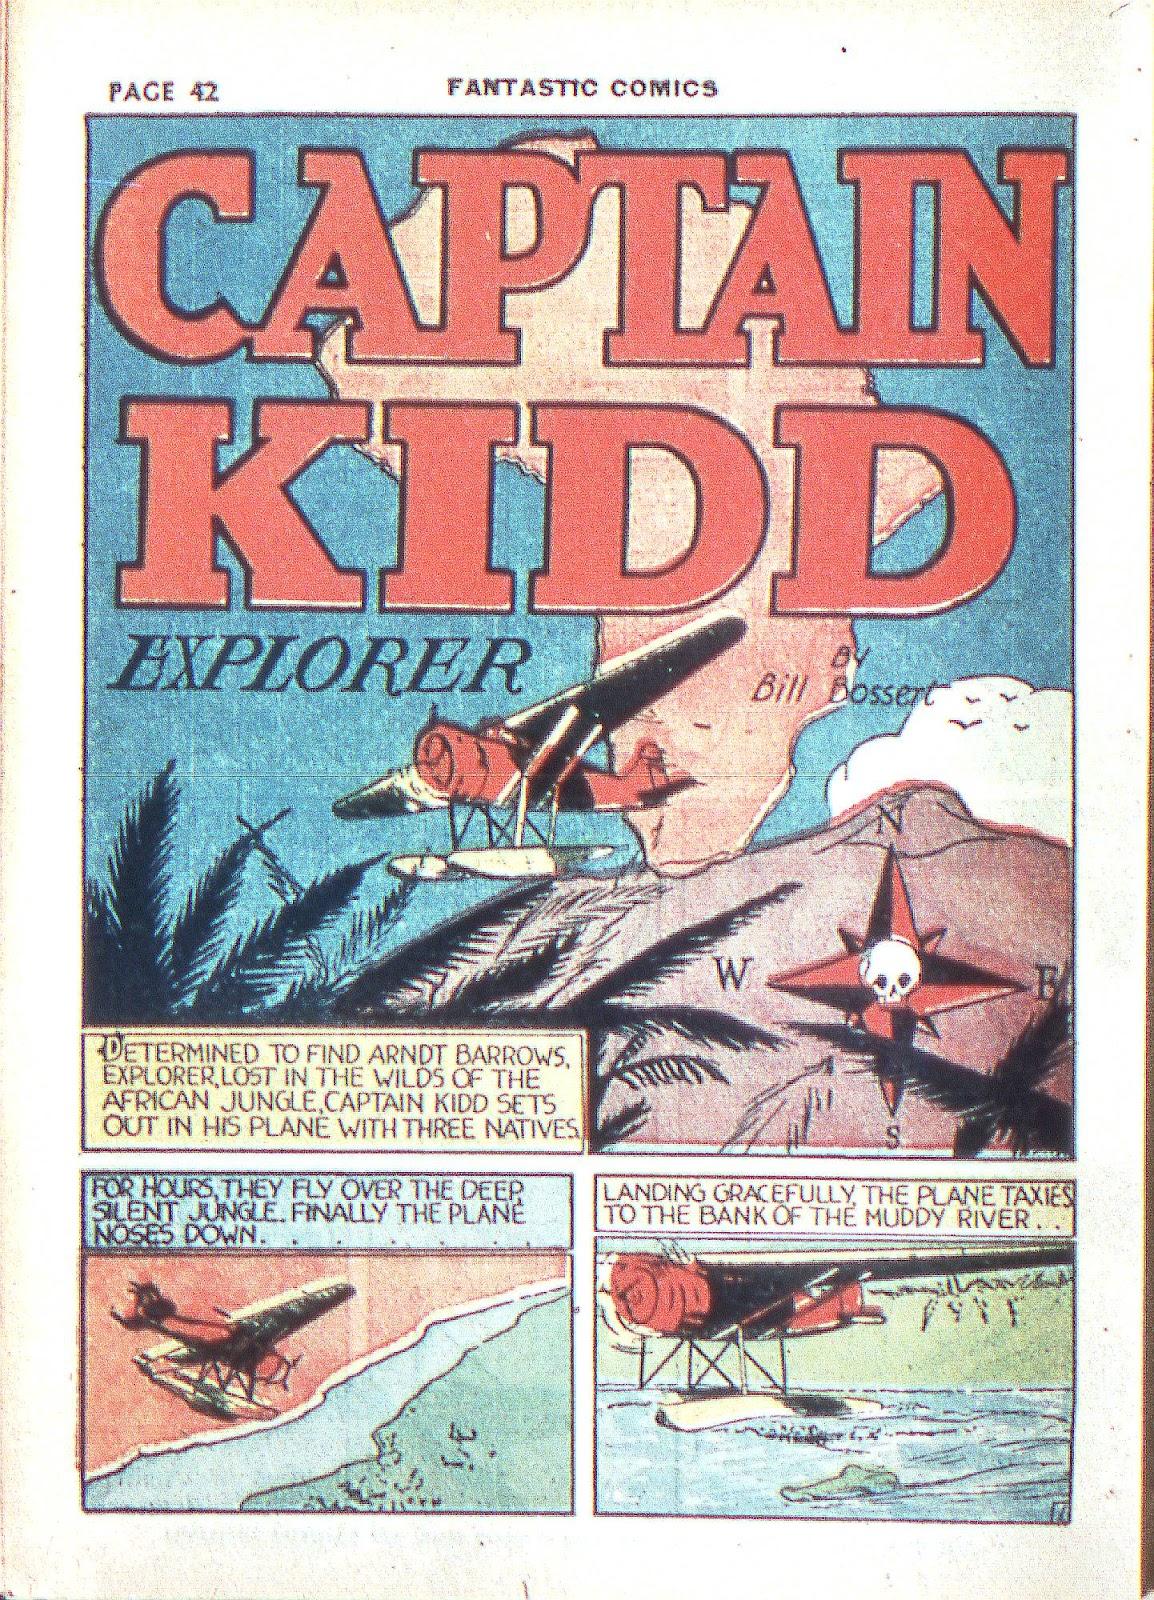 Read online Fantastic Comics comic -  Issue #3 - 44